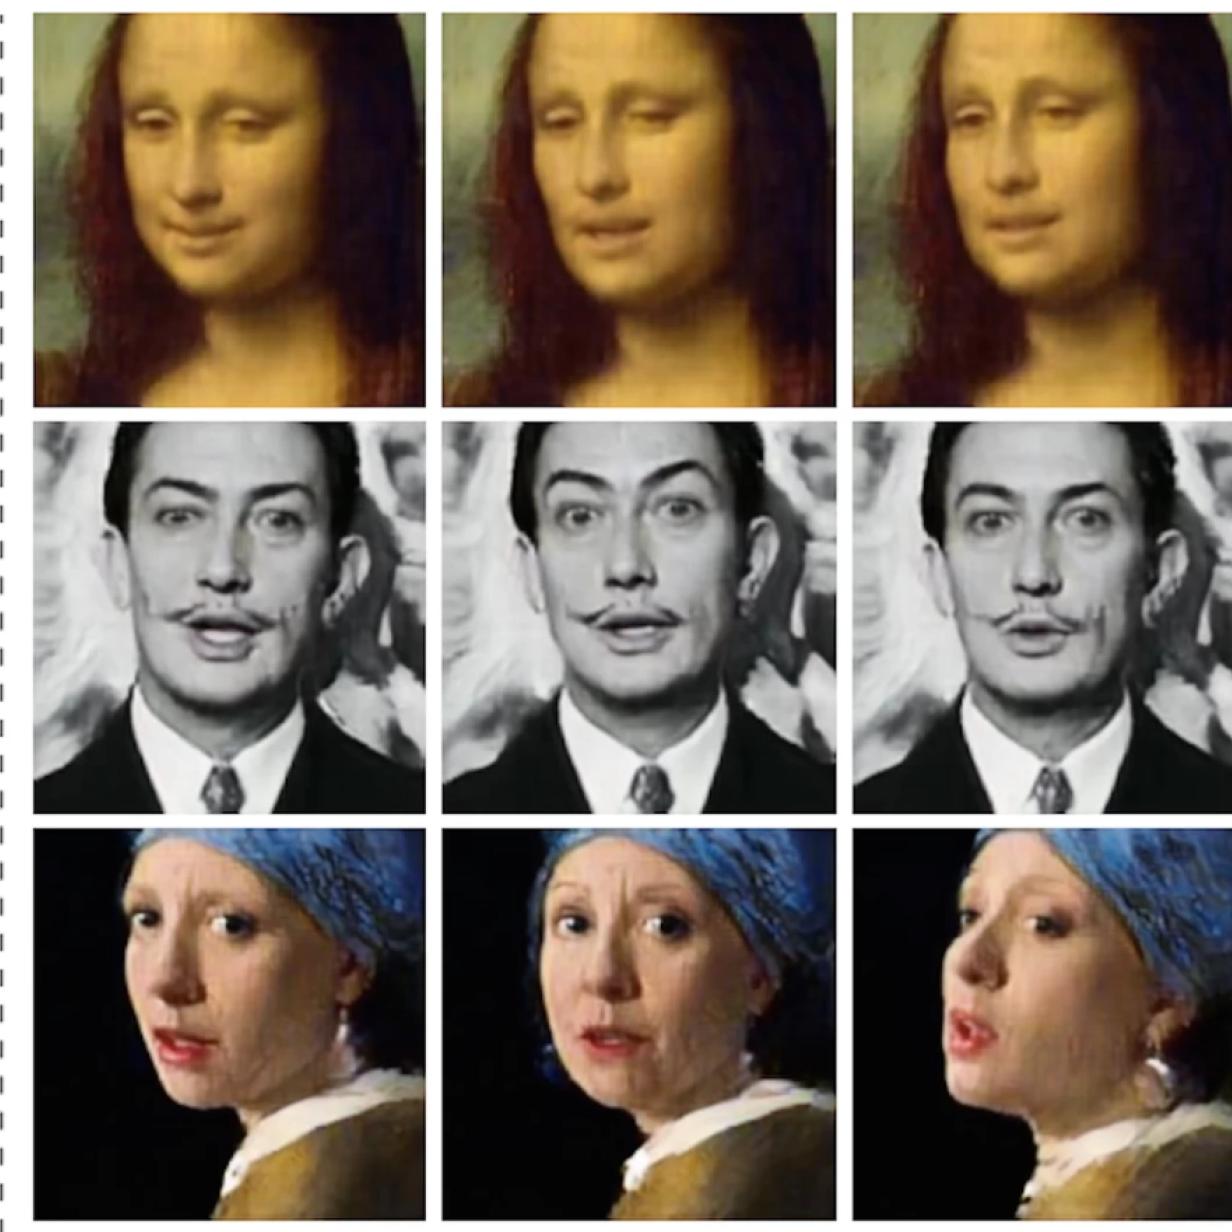 Software macht Deepfake-Video aus nur einem Foto